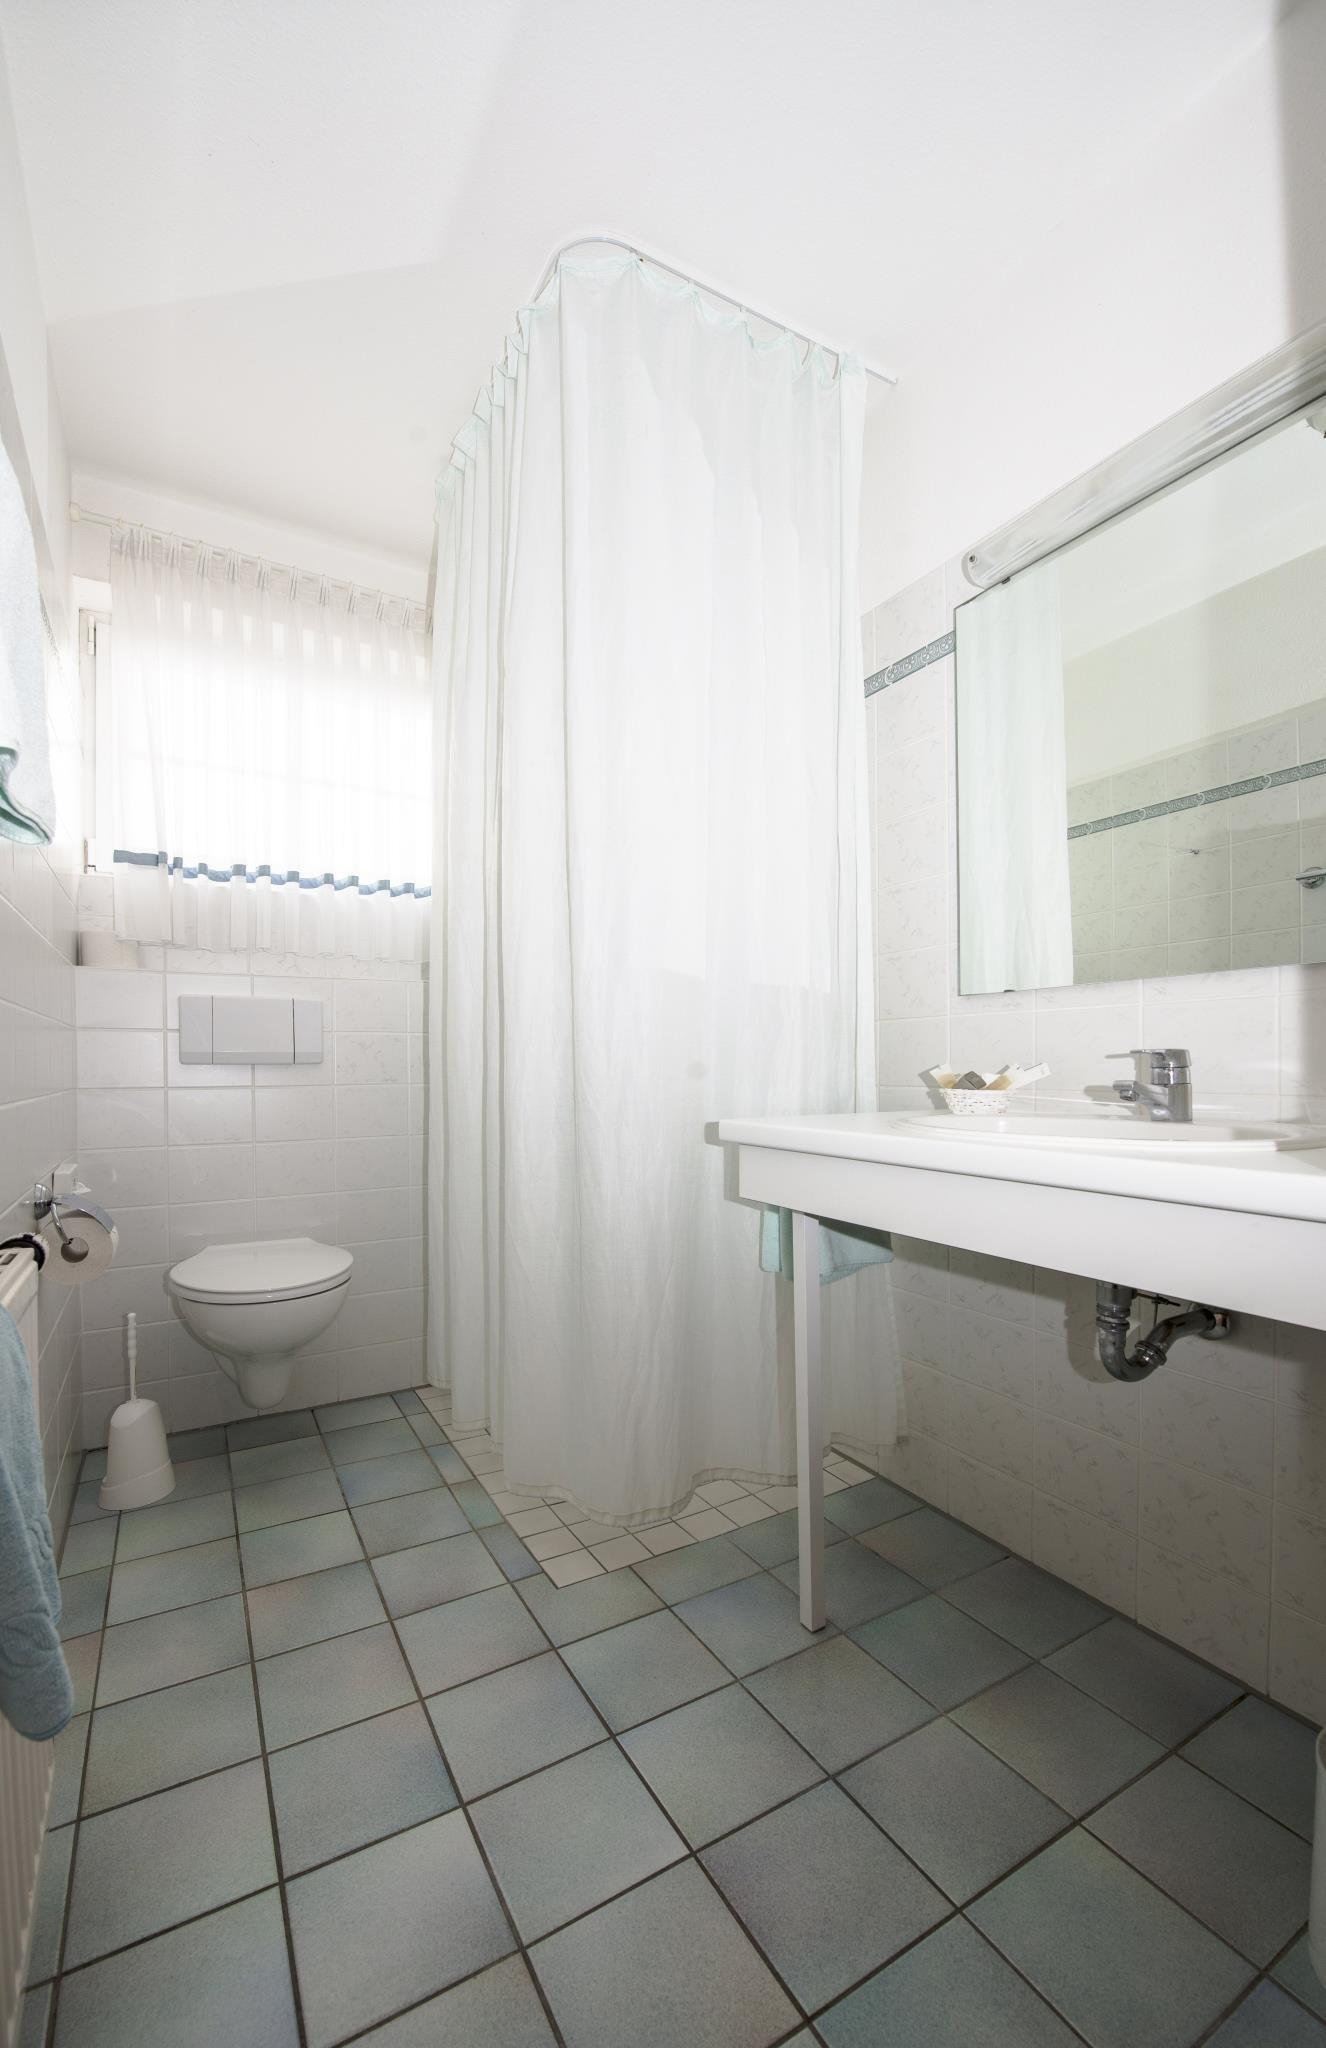 Kunst, Kultur, Kulinarisch im Hotel Rohdenburg in Lilienthal - Bewertungen  Verwoehnwochenende